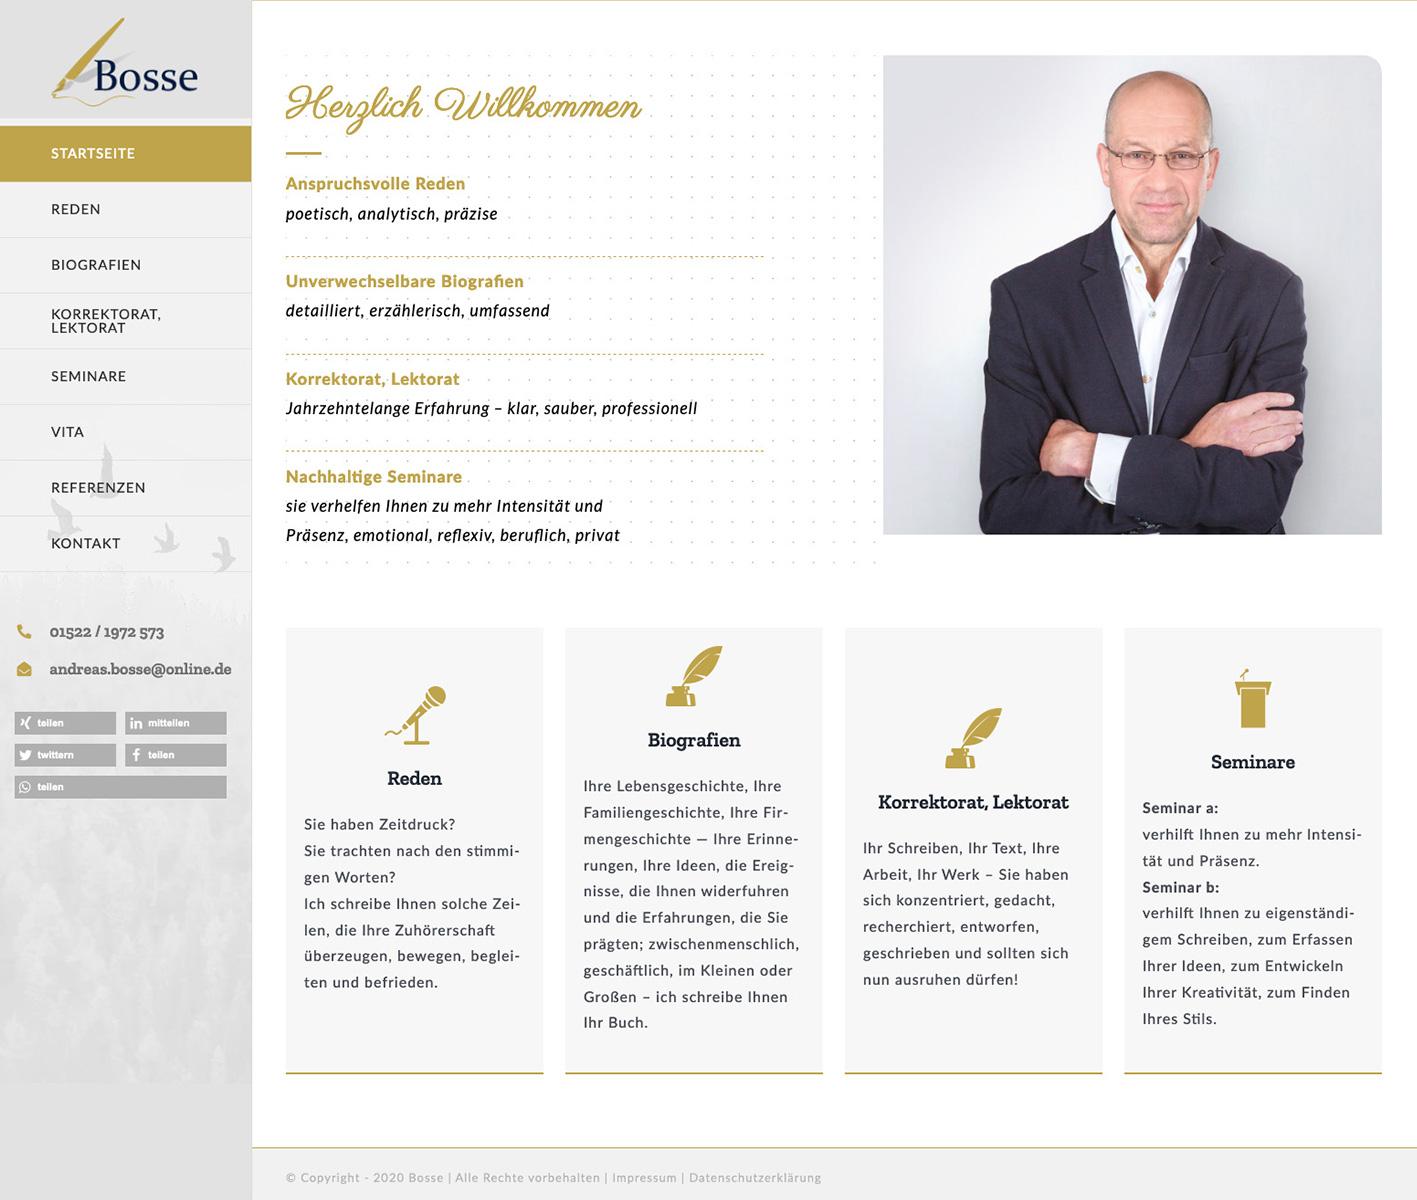 webdesign-bosse-schreibt